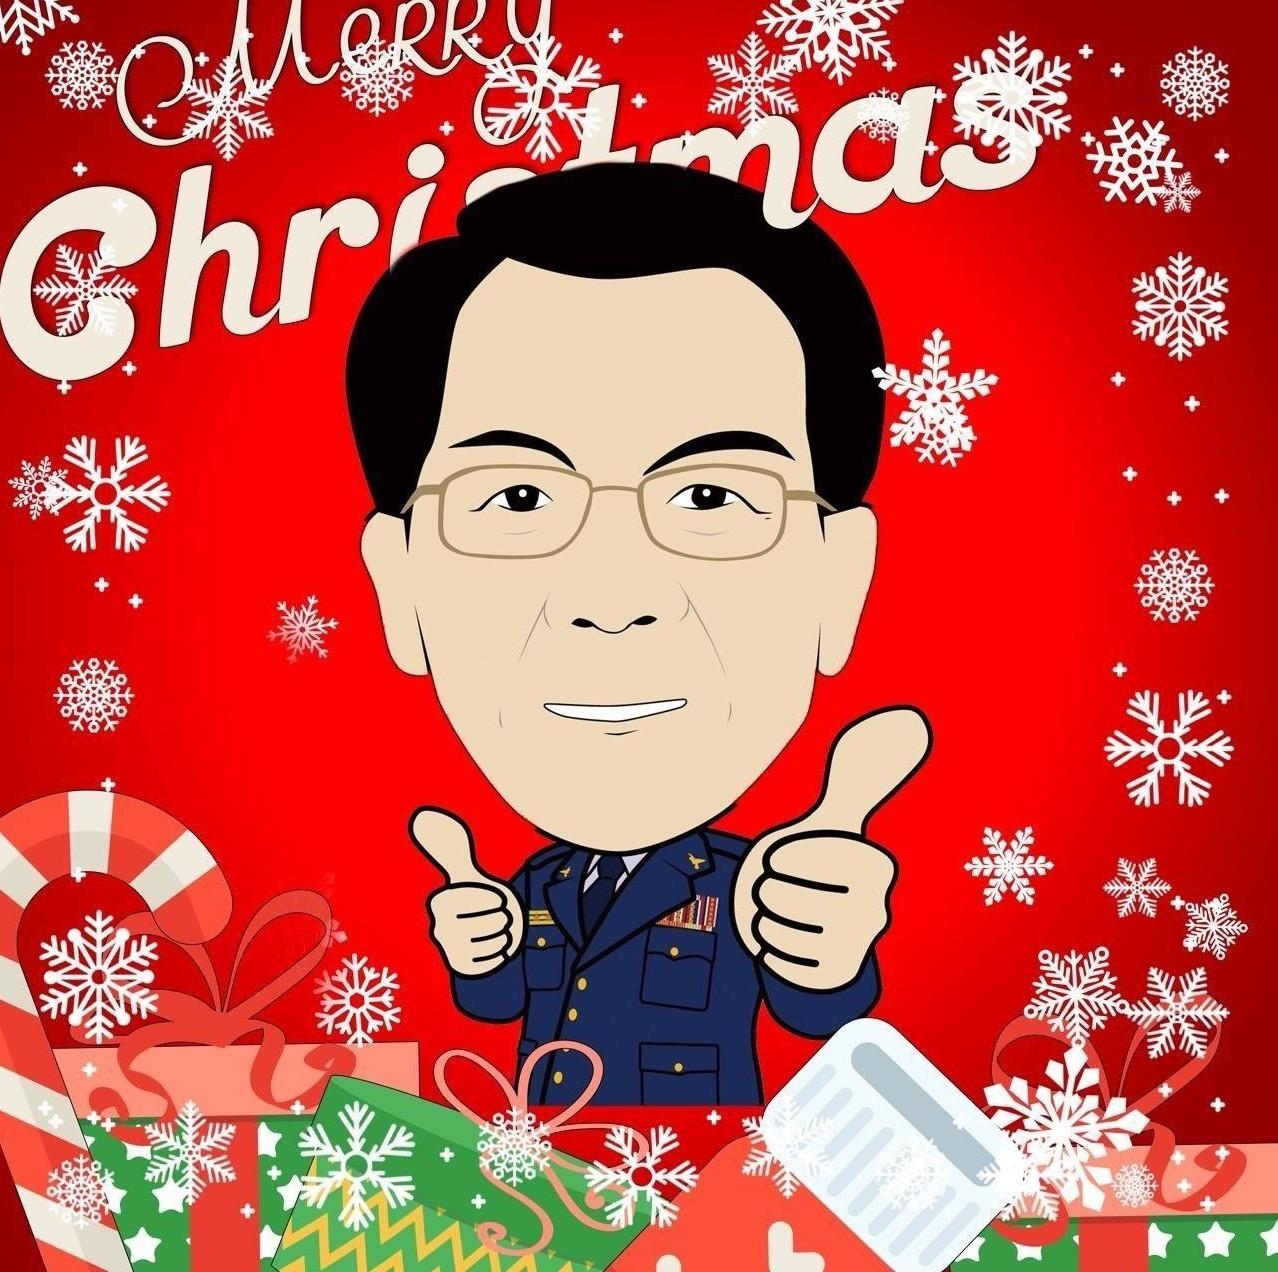 應景耶誕節頭像。 圖/擷取自TCPB局長室粉專